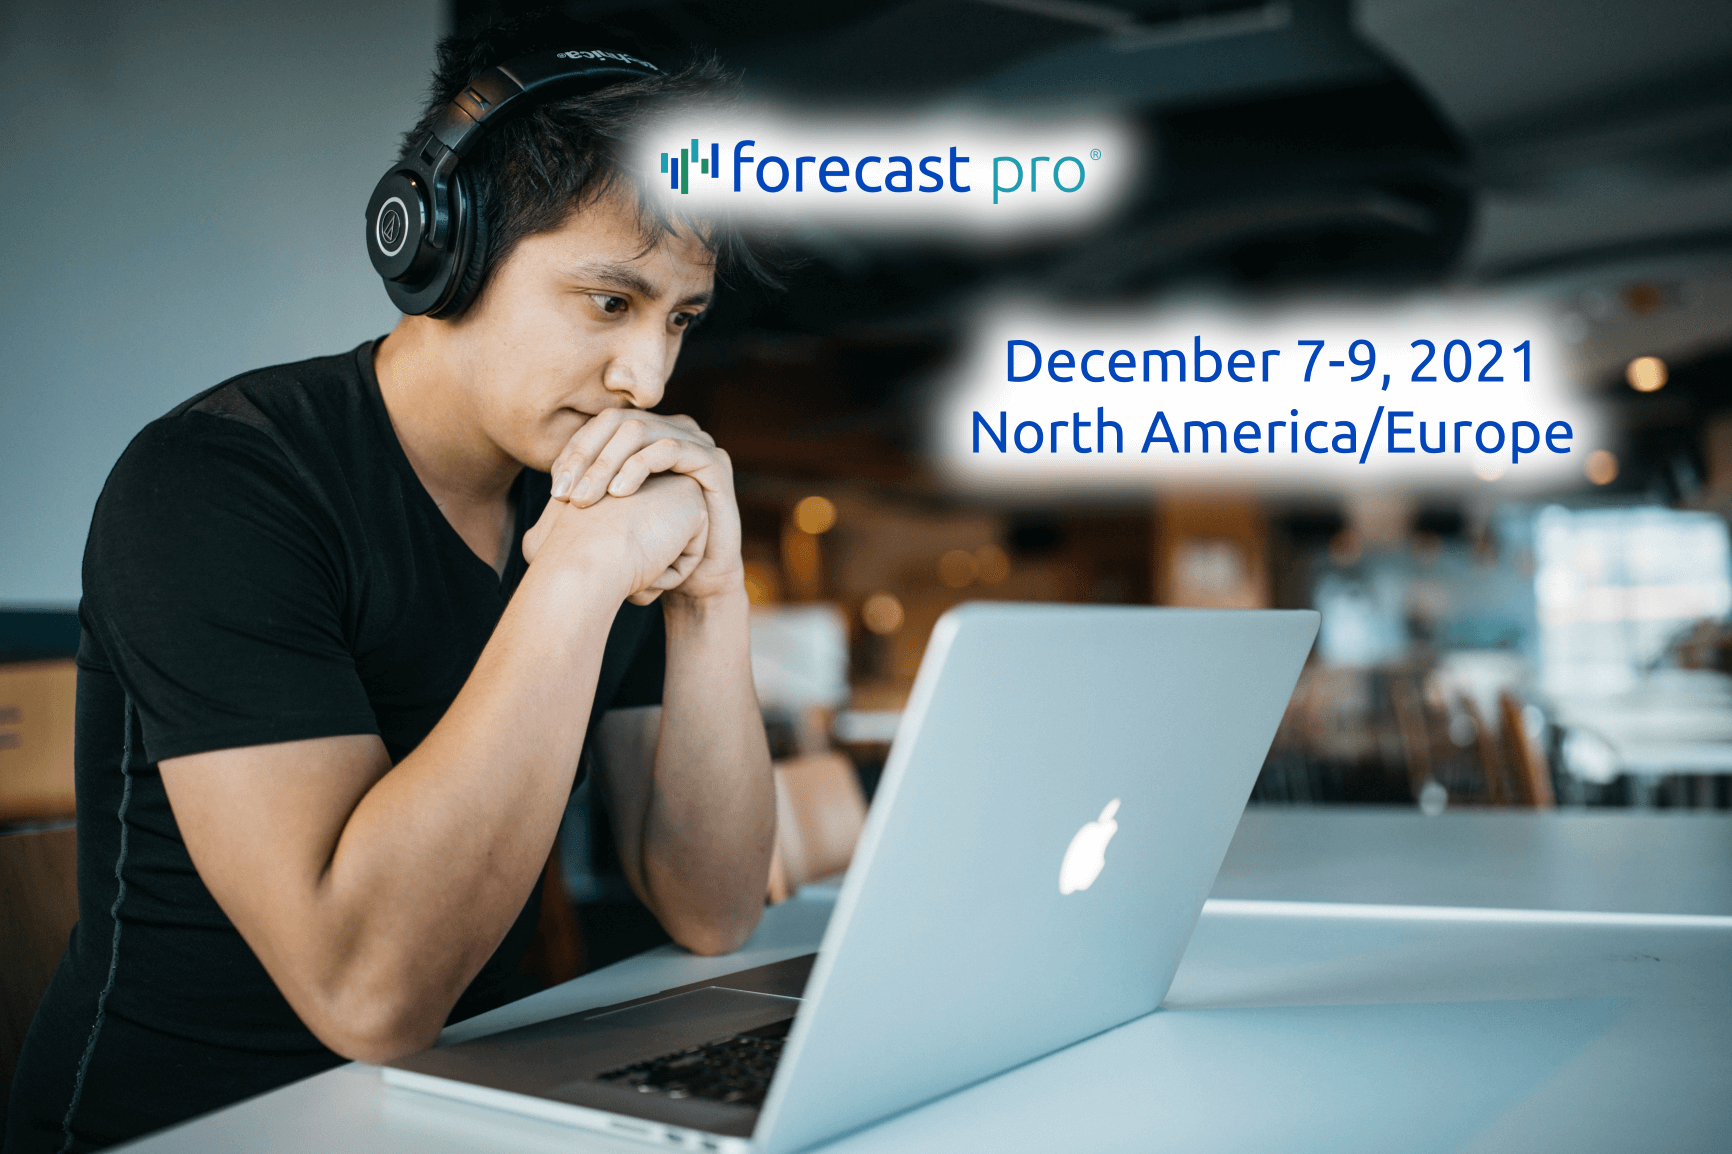 December 7-9, 2021 Workshop Image (Man on computer)